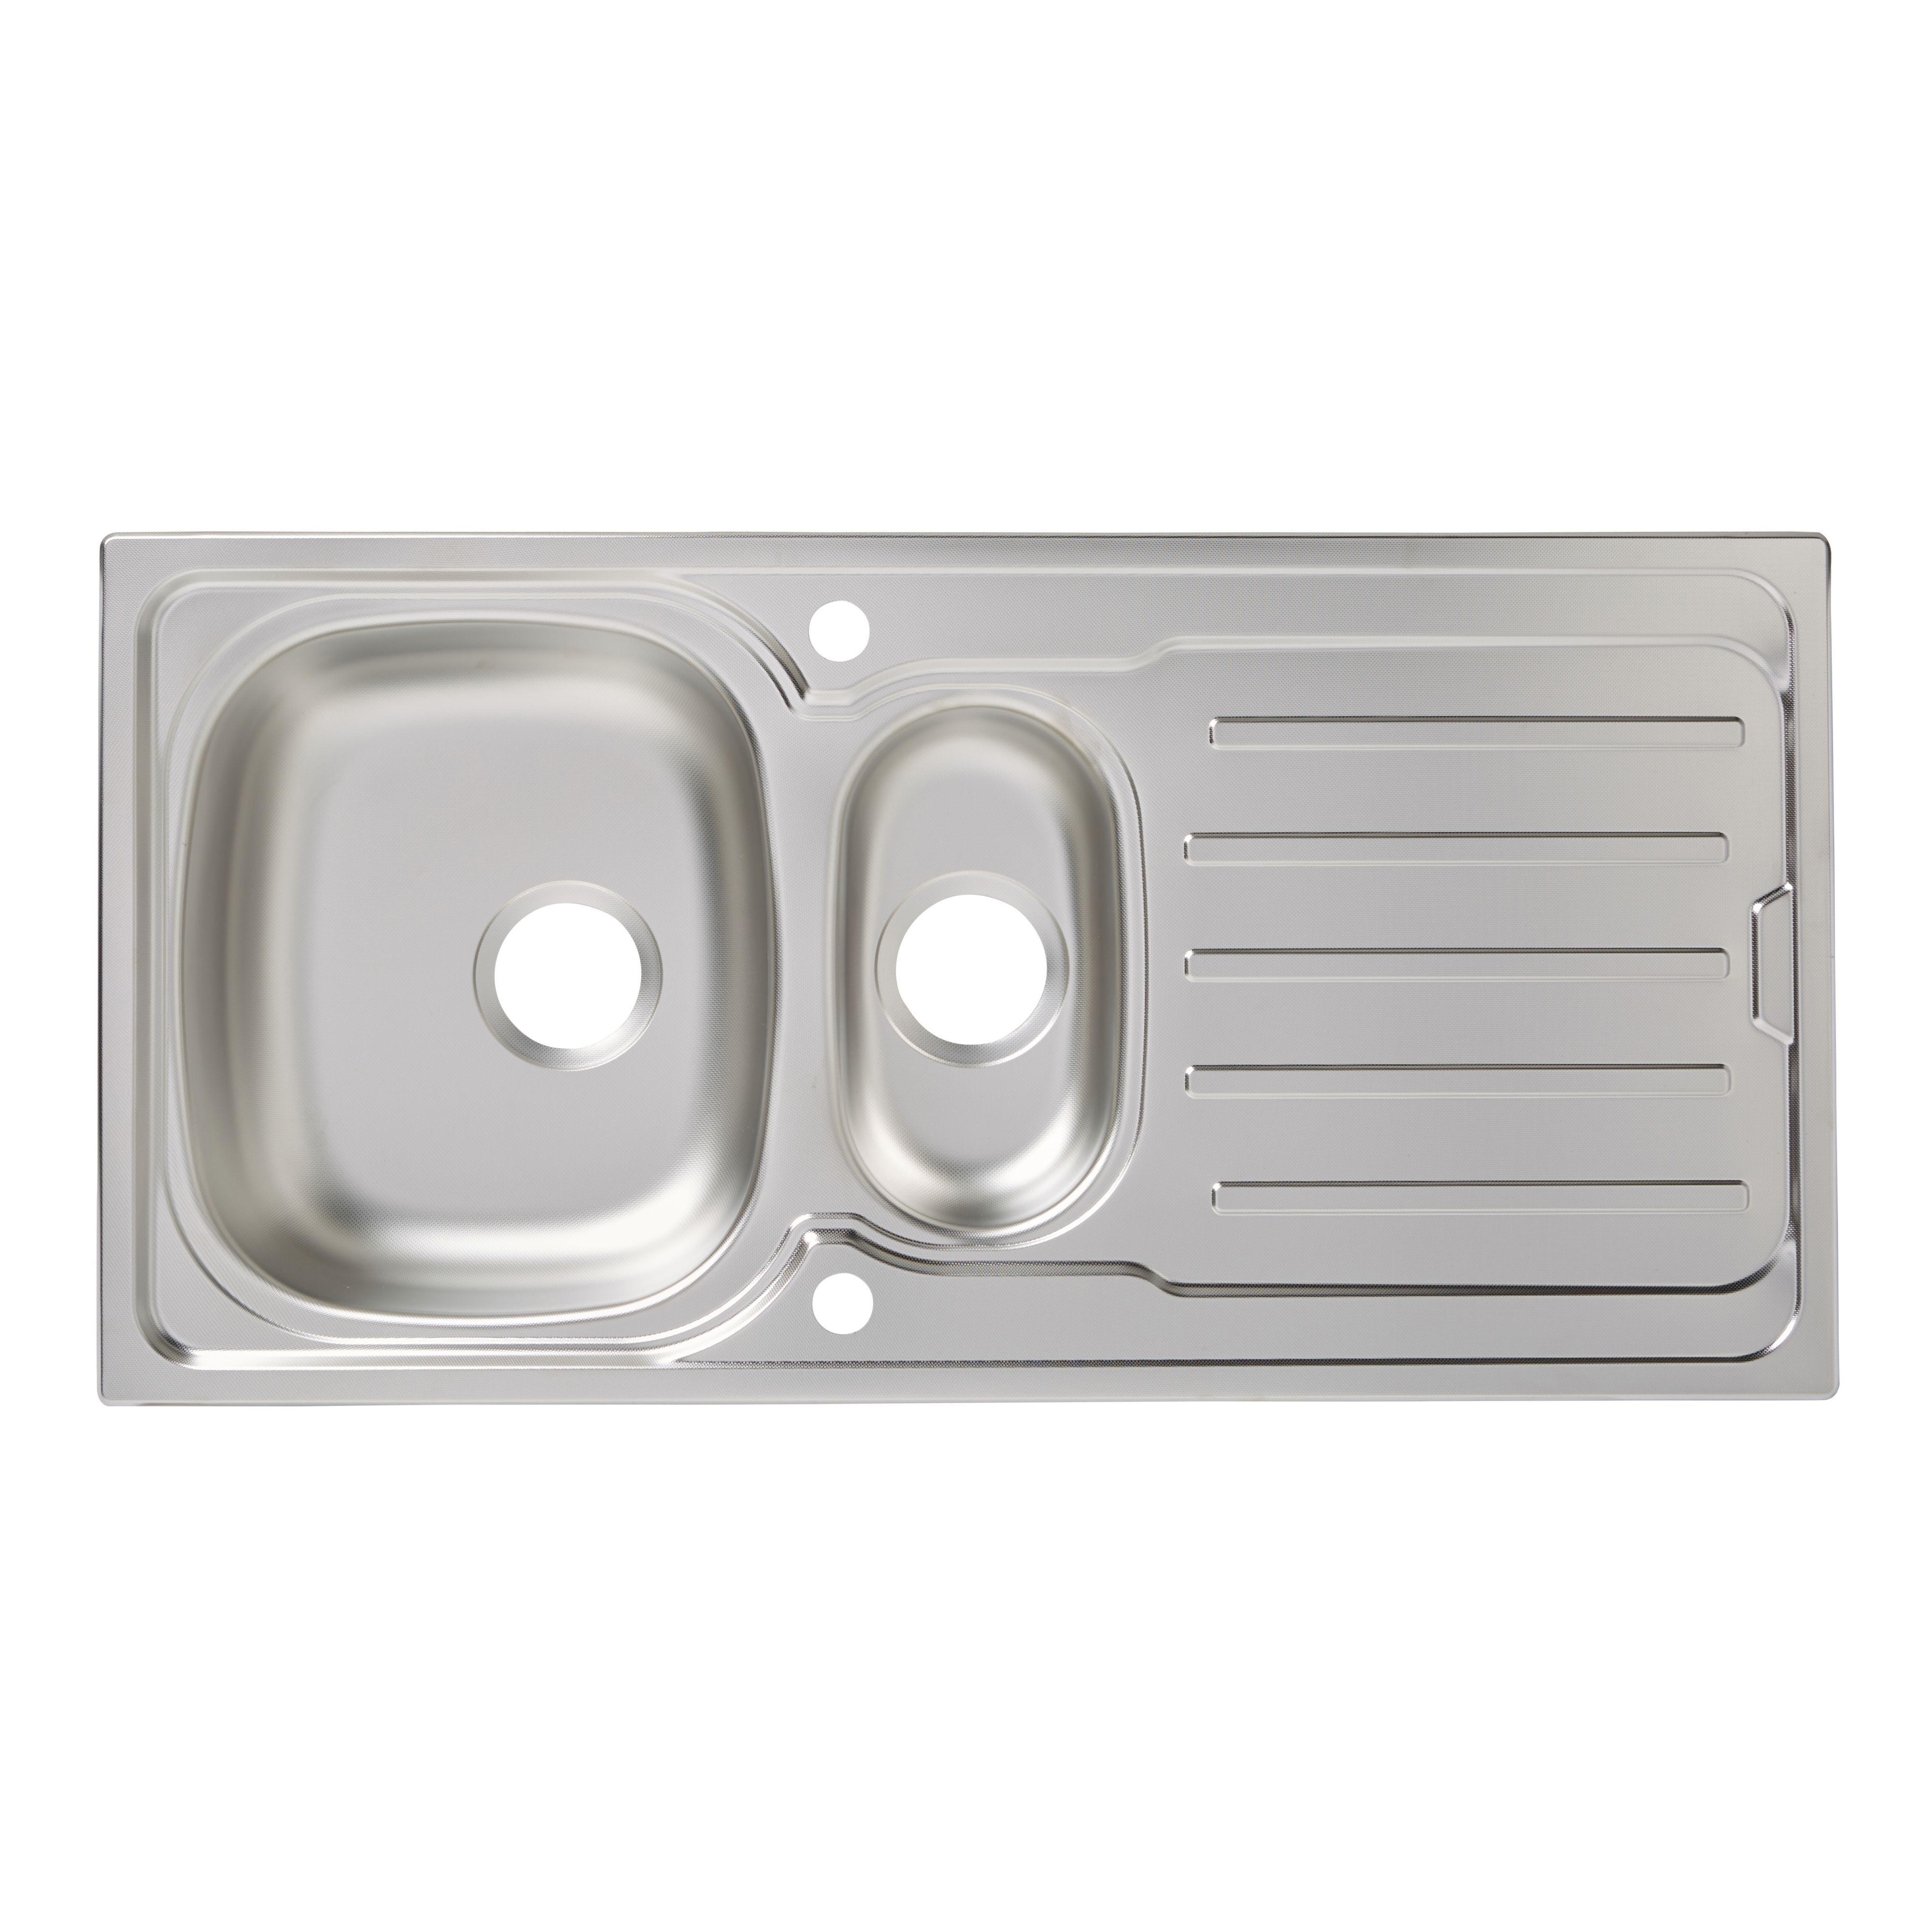 double bowl sinks  kitchen sinks  kitchen  departments  diy at bq - cooke  lewis nakaya  bowl linen finish